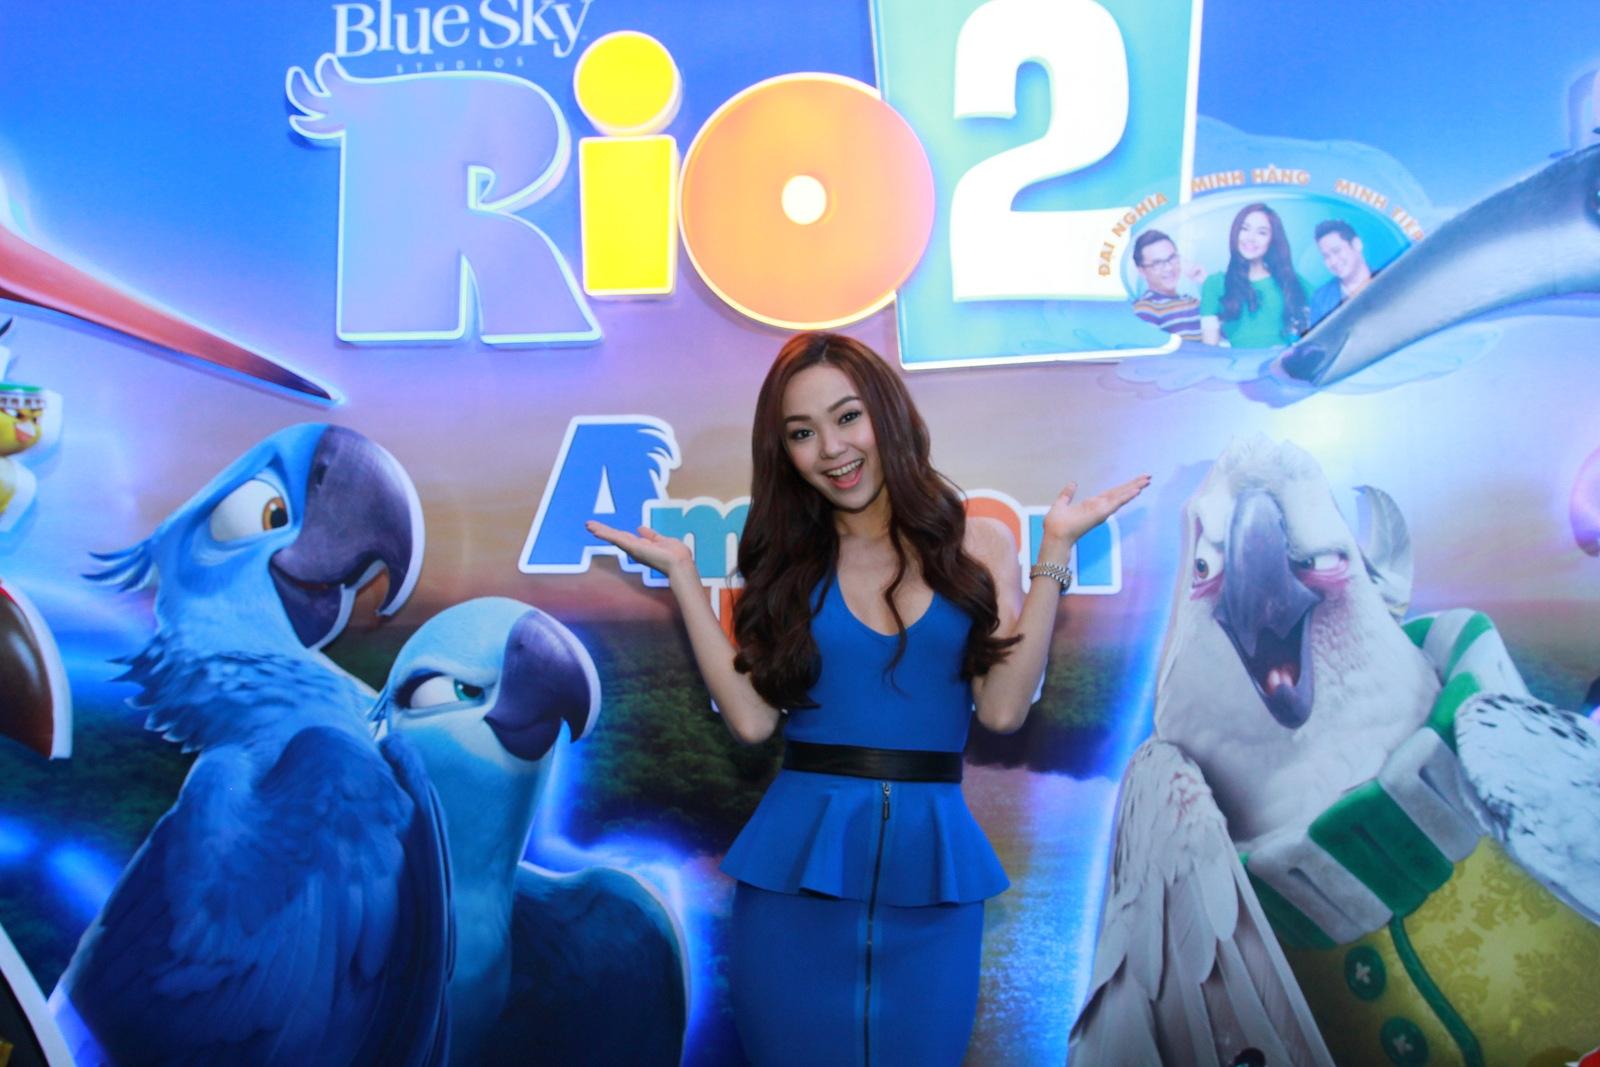 Trong Rio 2, Minh Hằng sẽ tiếp tục đảm nhận phần lồng tiếng cho nhân vật Jewel.